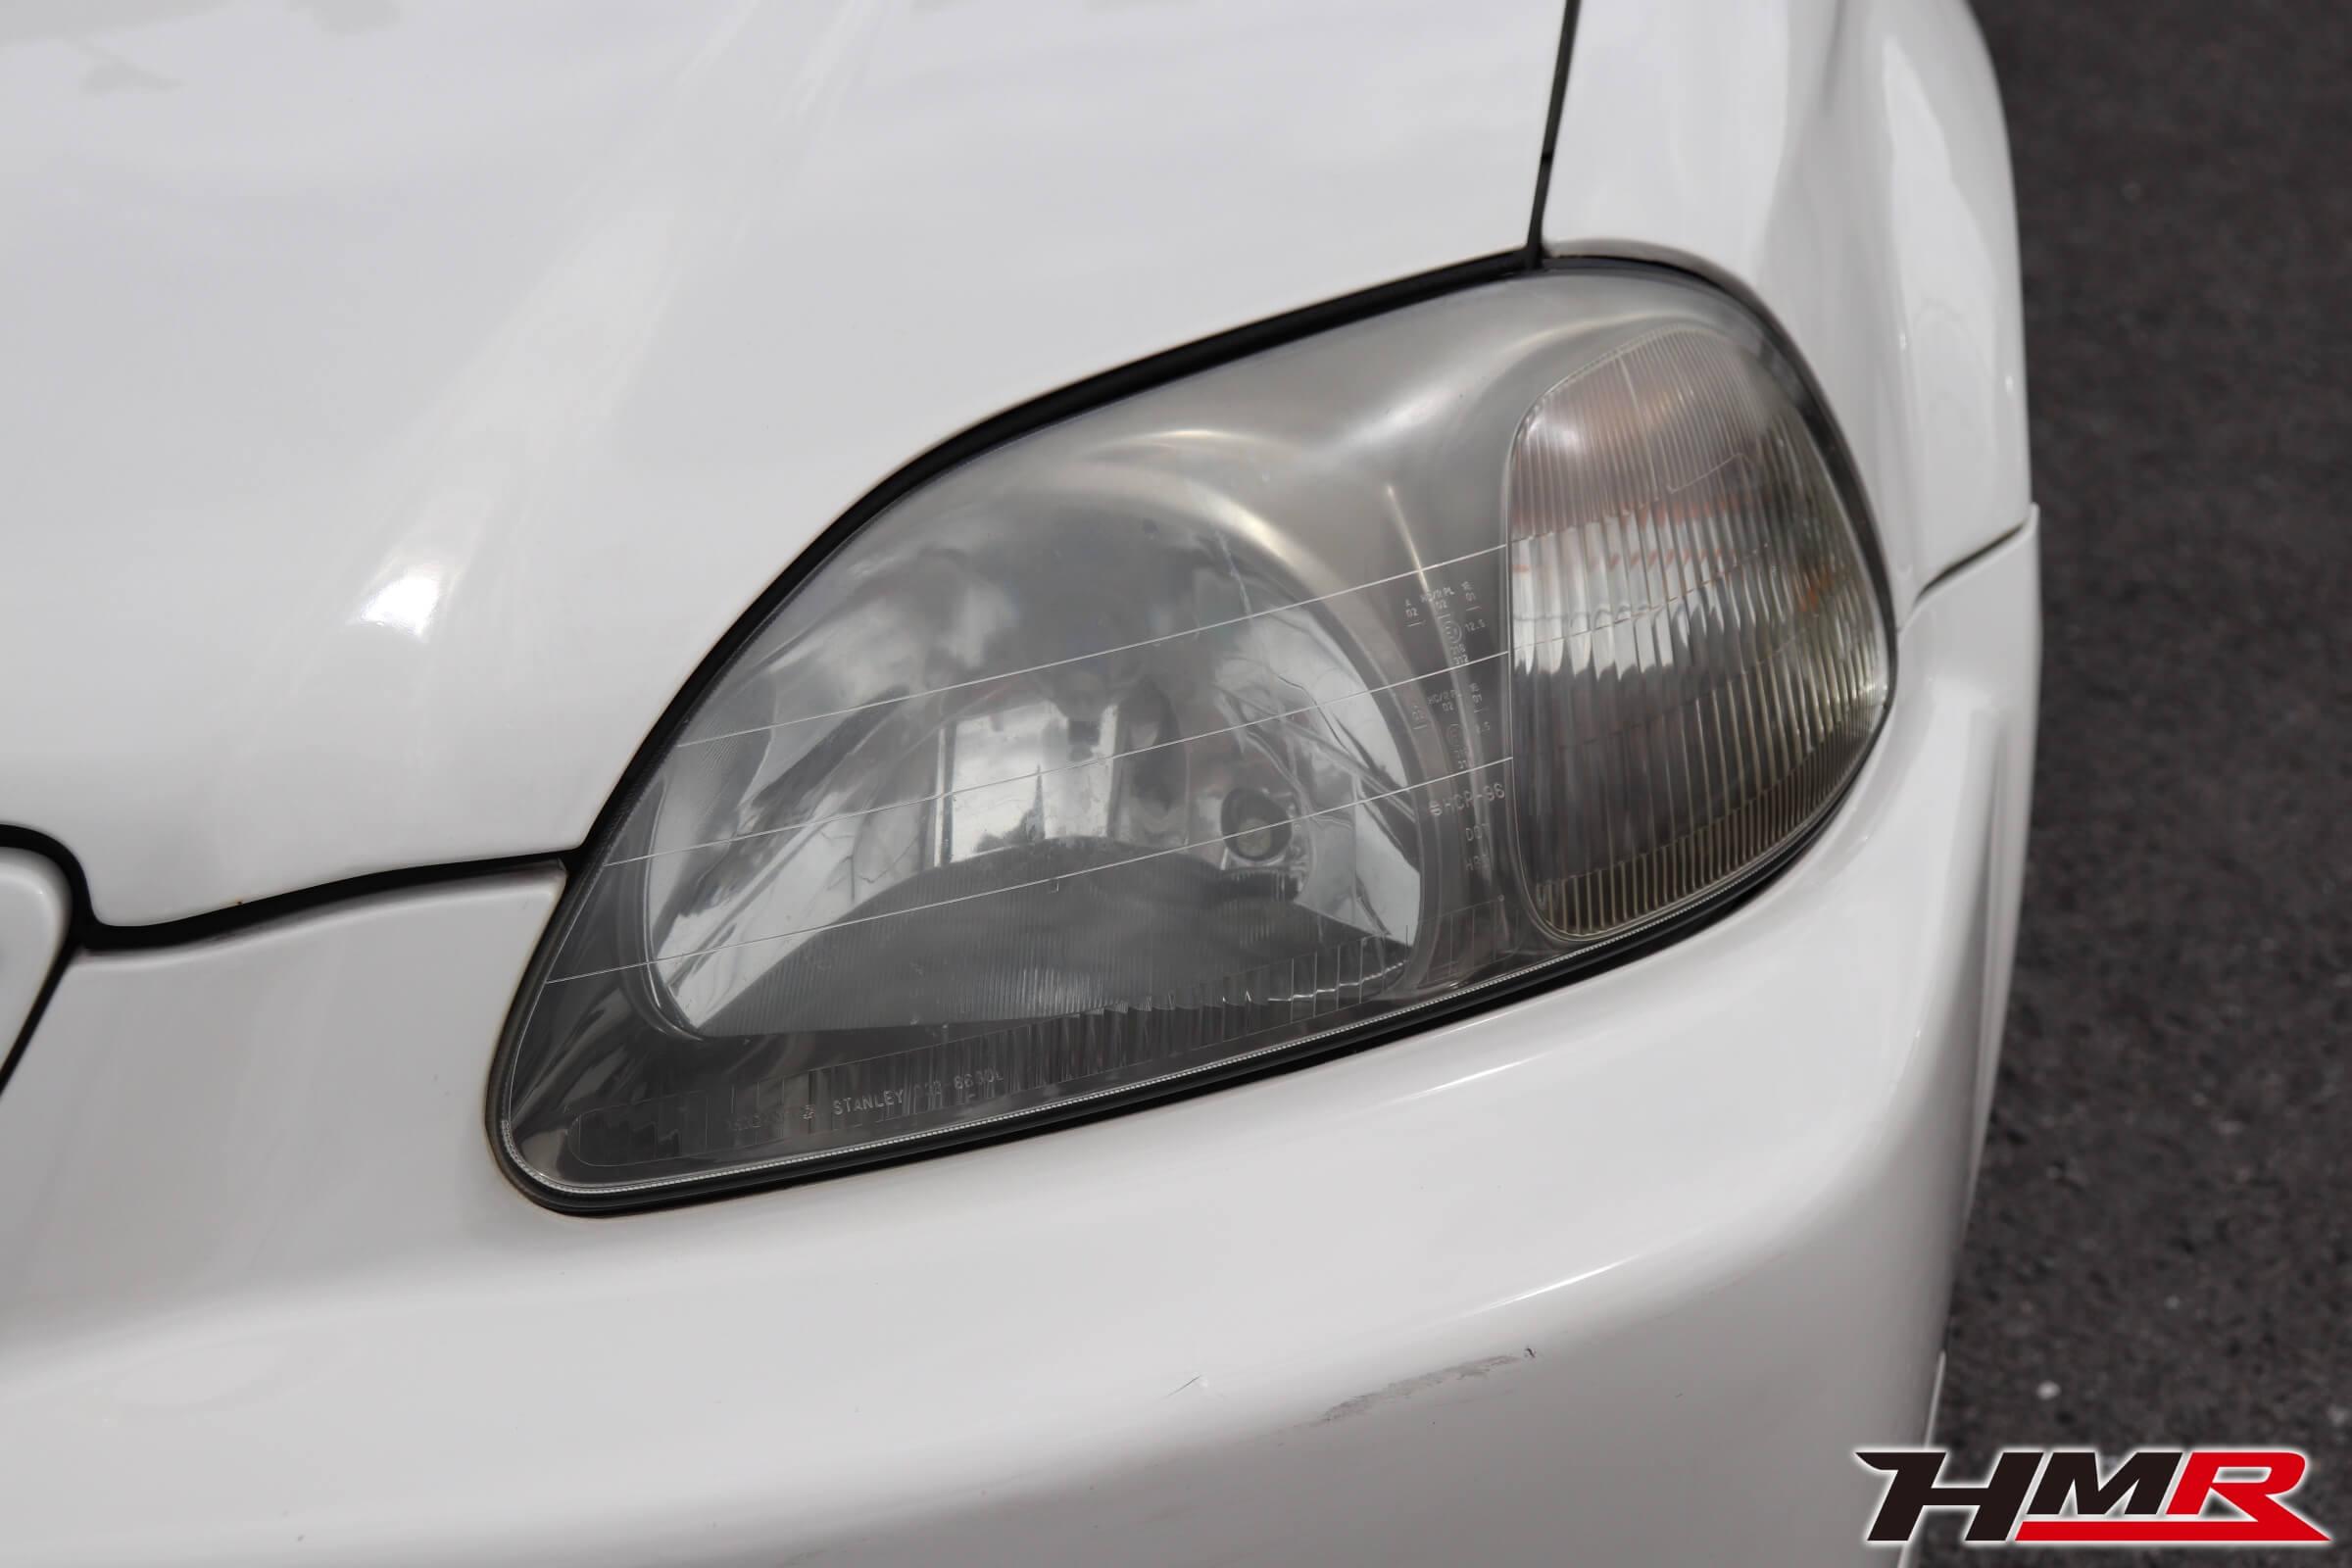 シビックタイプR(EK9)ヘッドライト